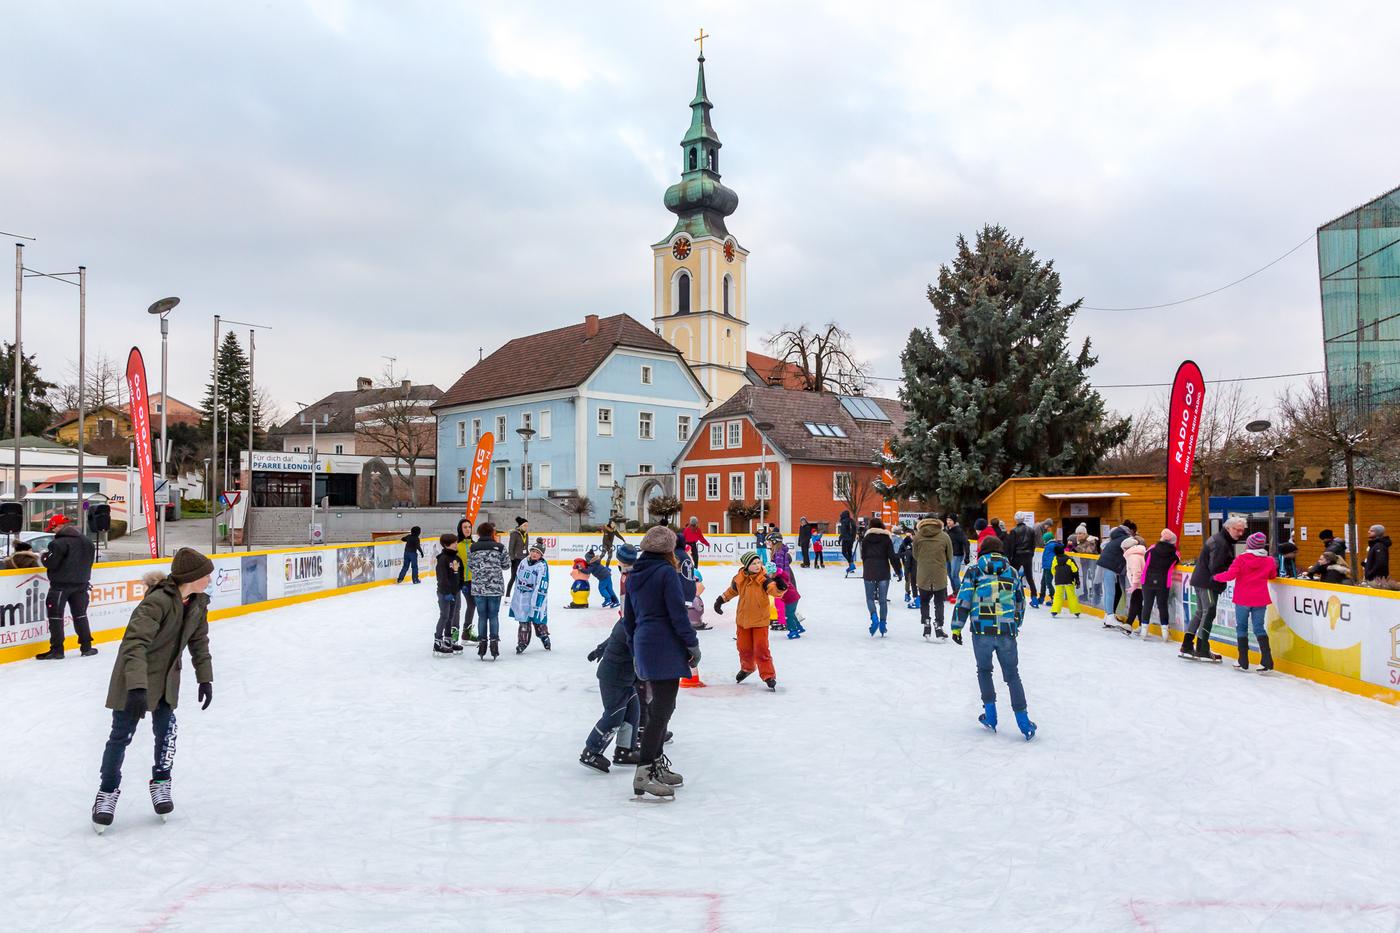 Eislaufplatz mit Kindern, Hintergrund: Kirche und blaues Haus